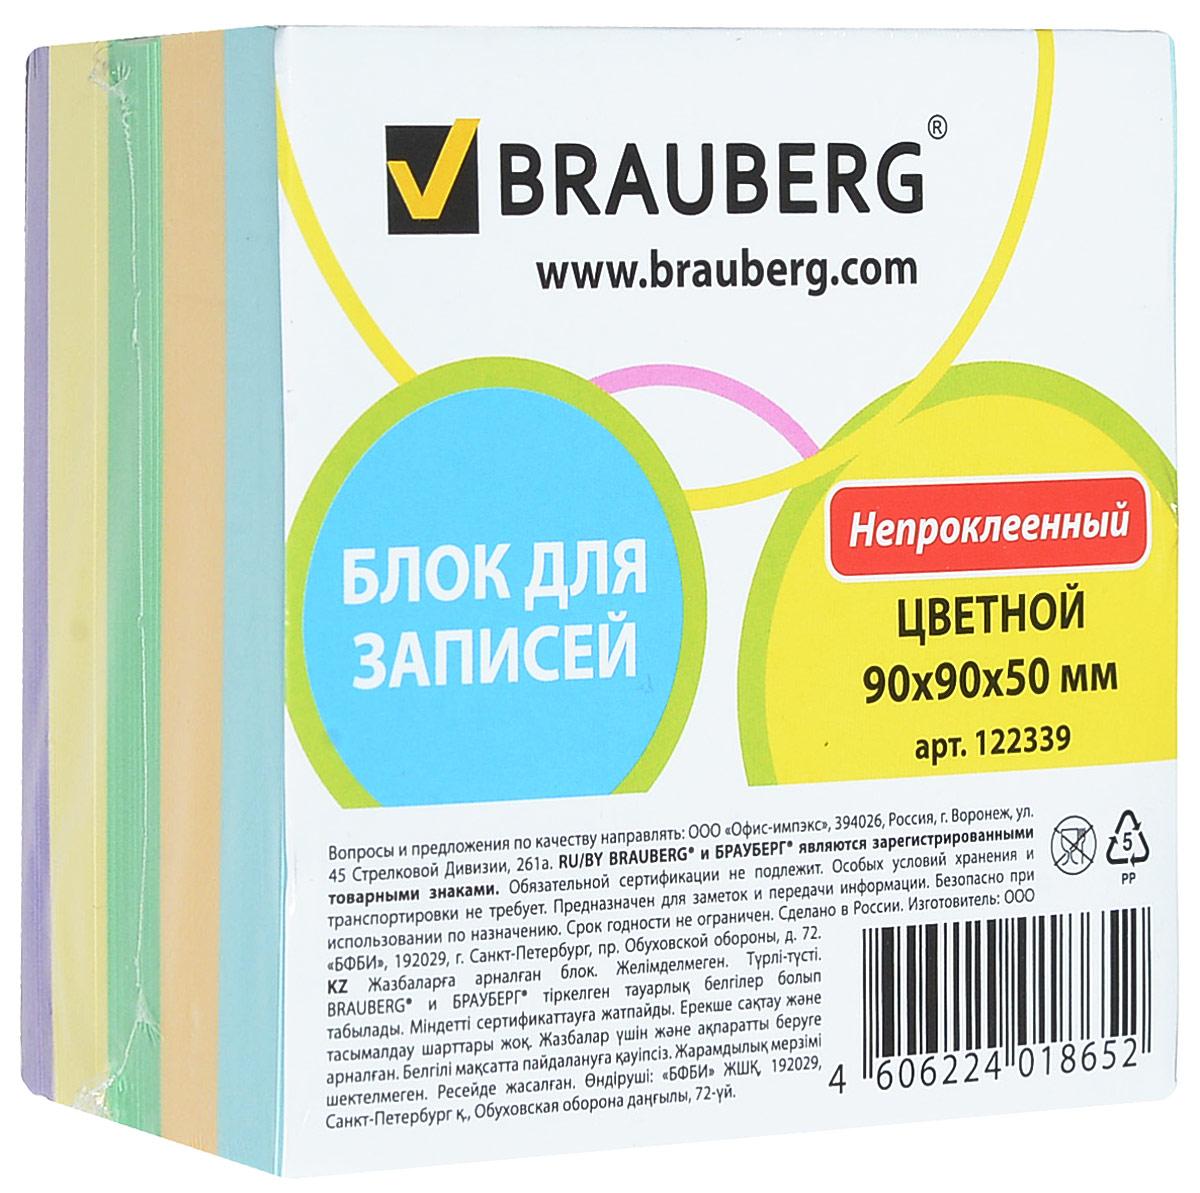 Brauberg Бумага для заметок 9 х 9 см 500 листов цвет мультиколорLSz_45101Бумага для заметок Brauberg непременно привлечет к себе внимание.Бумага состоит из 500 разноцветных листочков, которые удобны для заметок, объявлений и других коротких сообщений. Сменные блоки бумаги предназначены для использования в пластиковых подставках и настольных органайзерах.